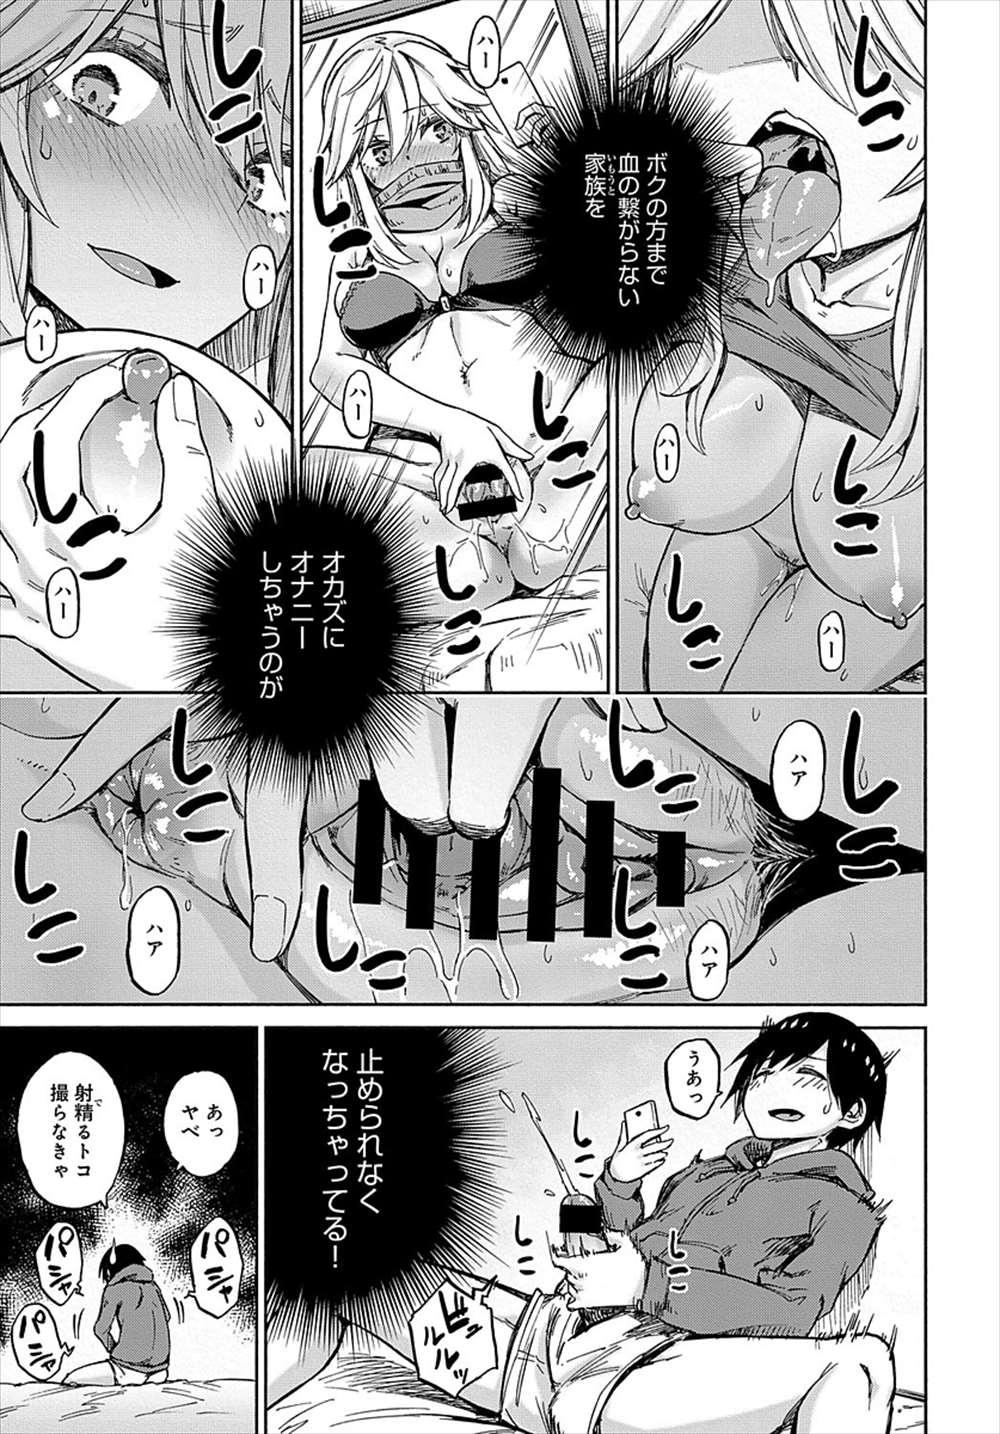 【エロ漫画】義理の妹JKは淫乱ビッチ…兄の下着でオナニーして生挿入中出しイチャラブセックスしちゃうww【ぴよぴよ:えくすちゃんじ】